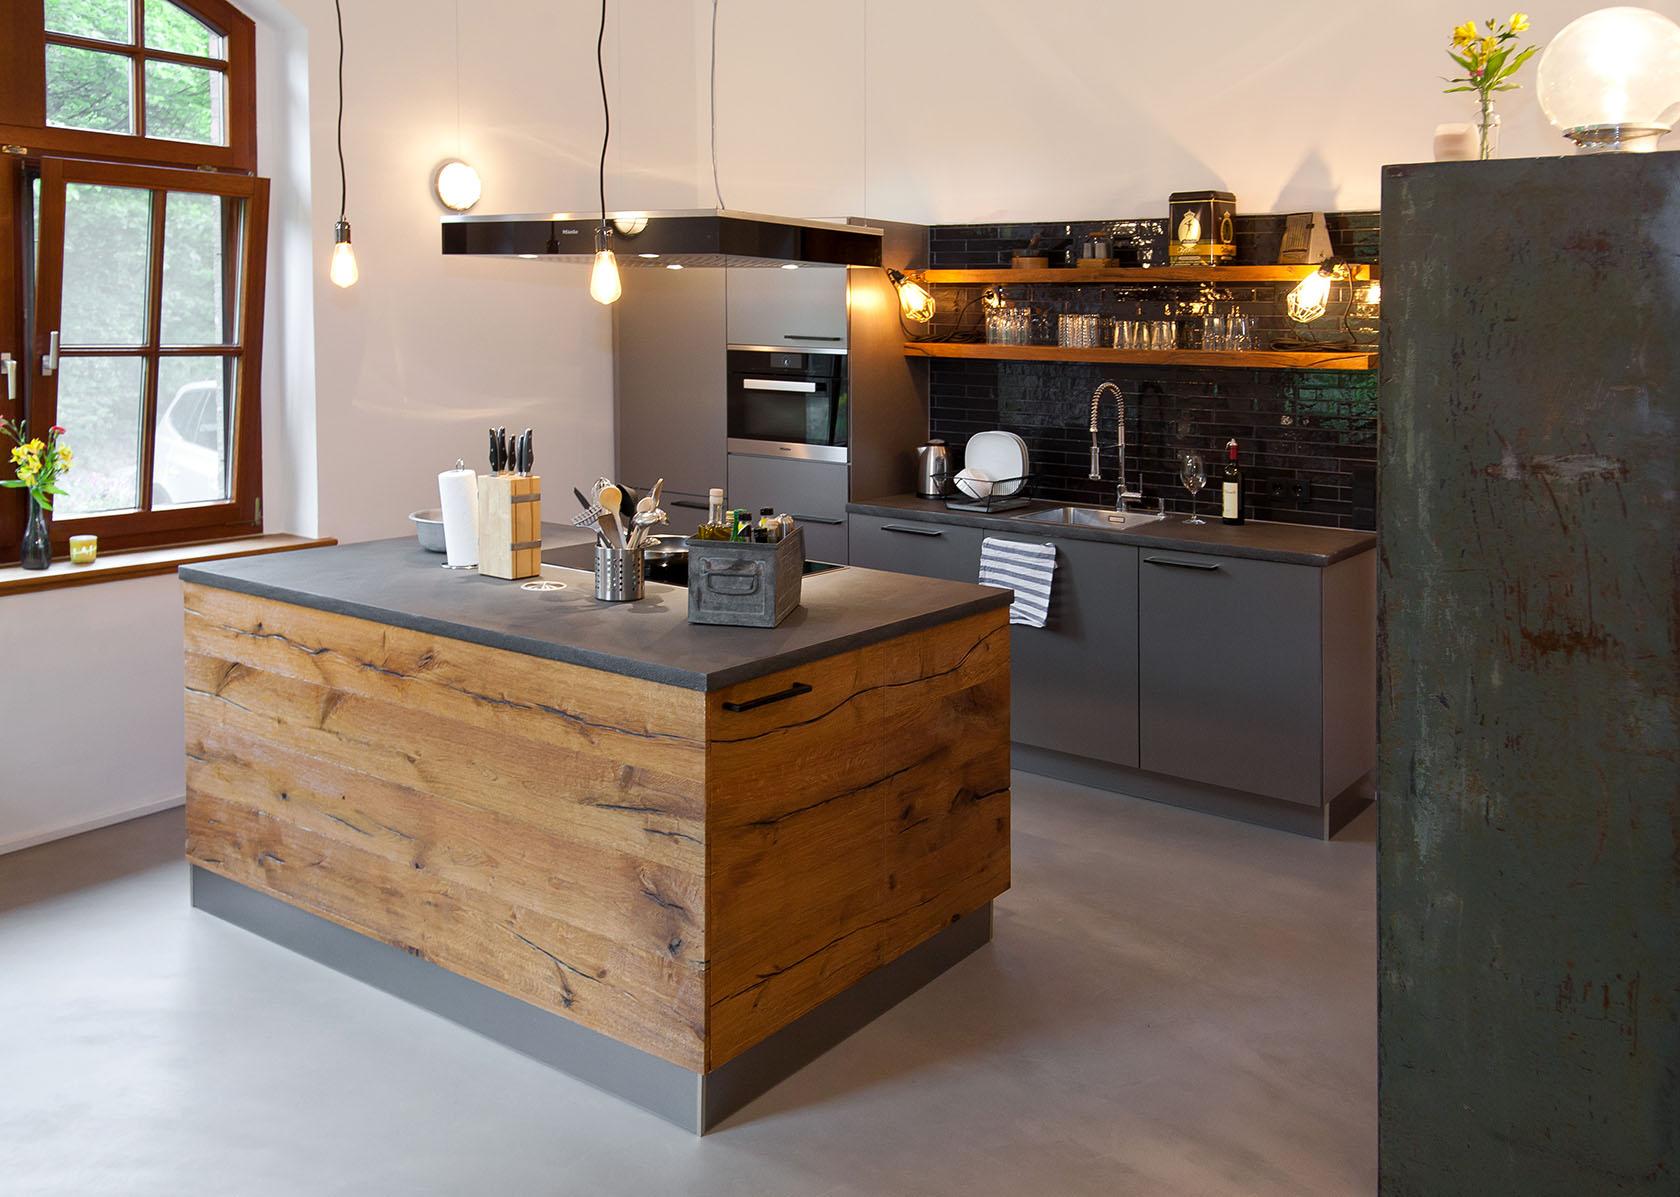 Wohnküche – schöner leben, kochen & wohnen – Küchenhaus Thiemann